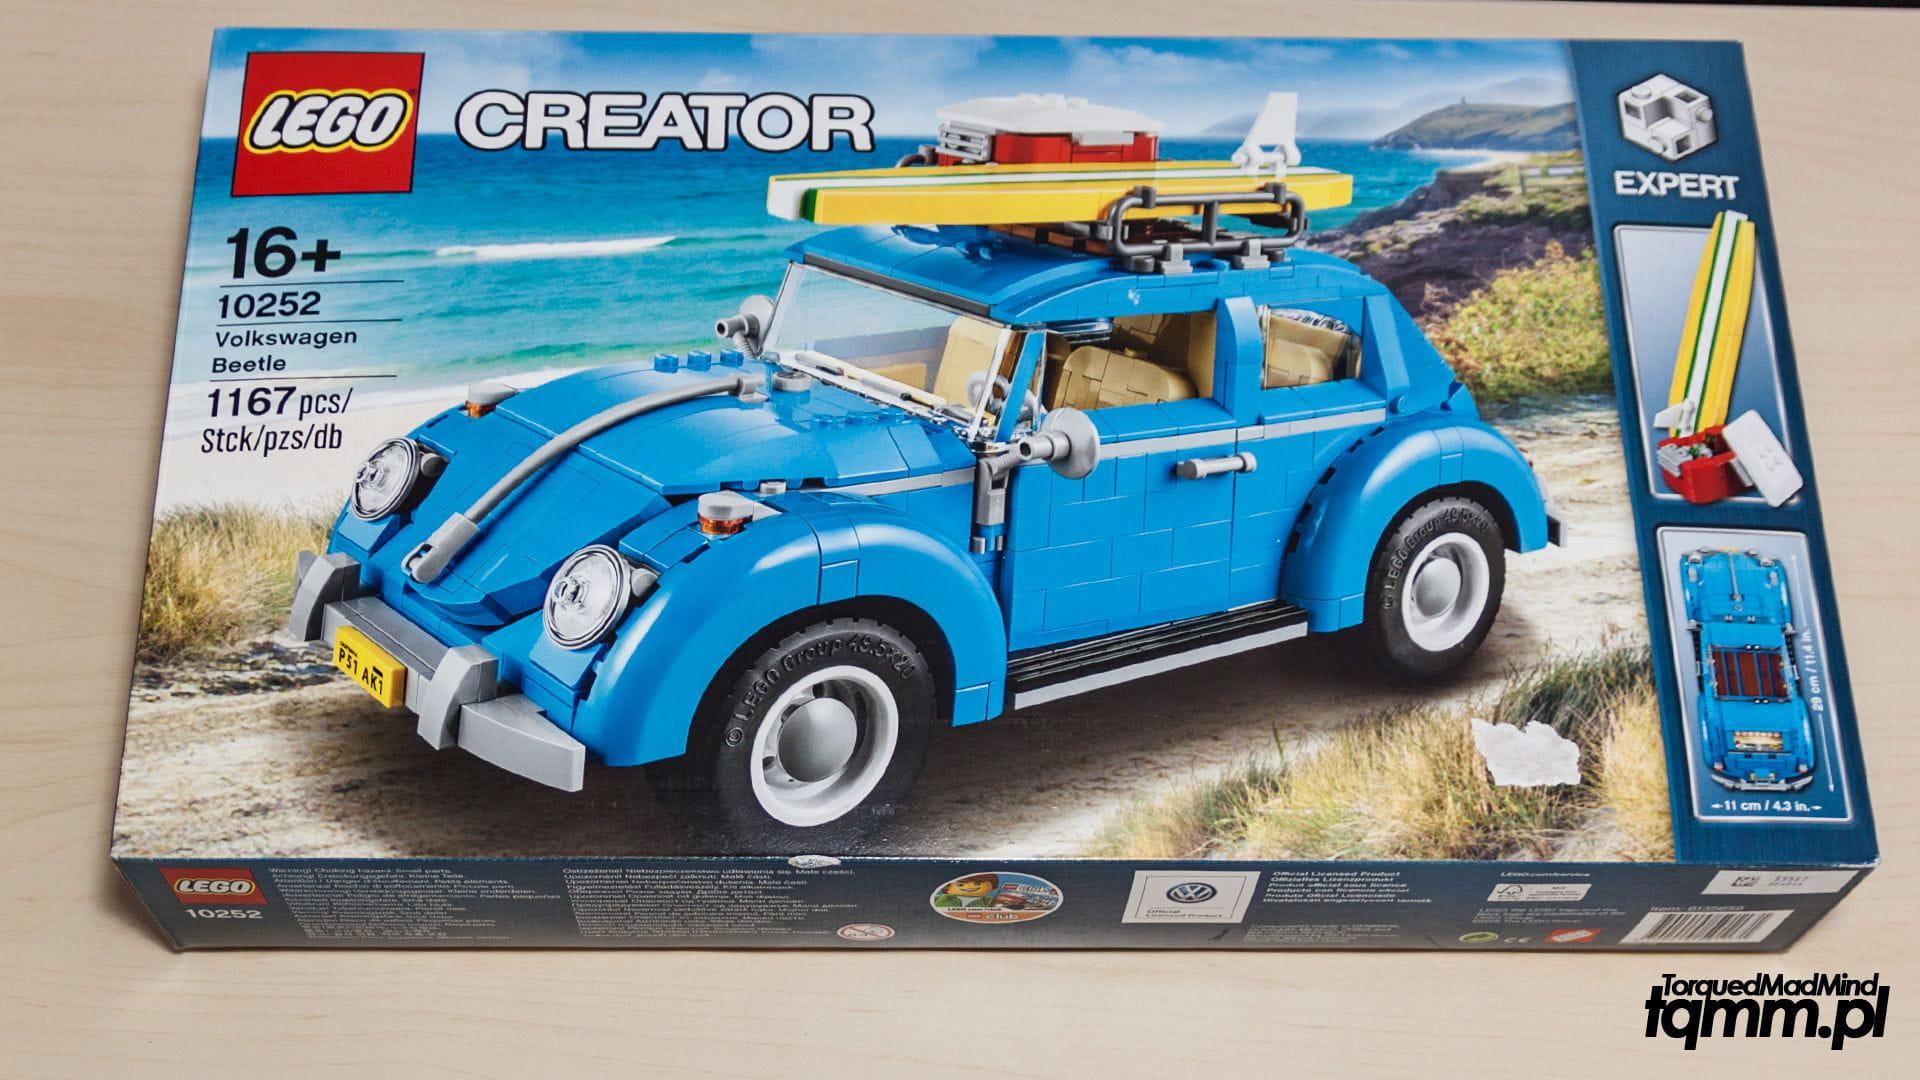 Fotki #98: Lego 10252 VW Beetle